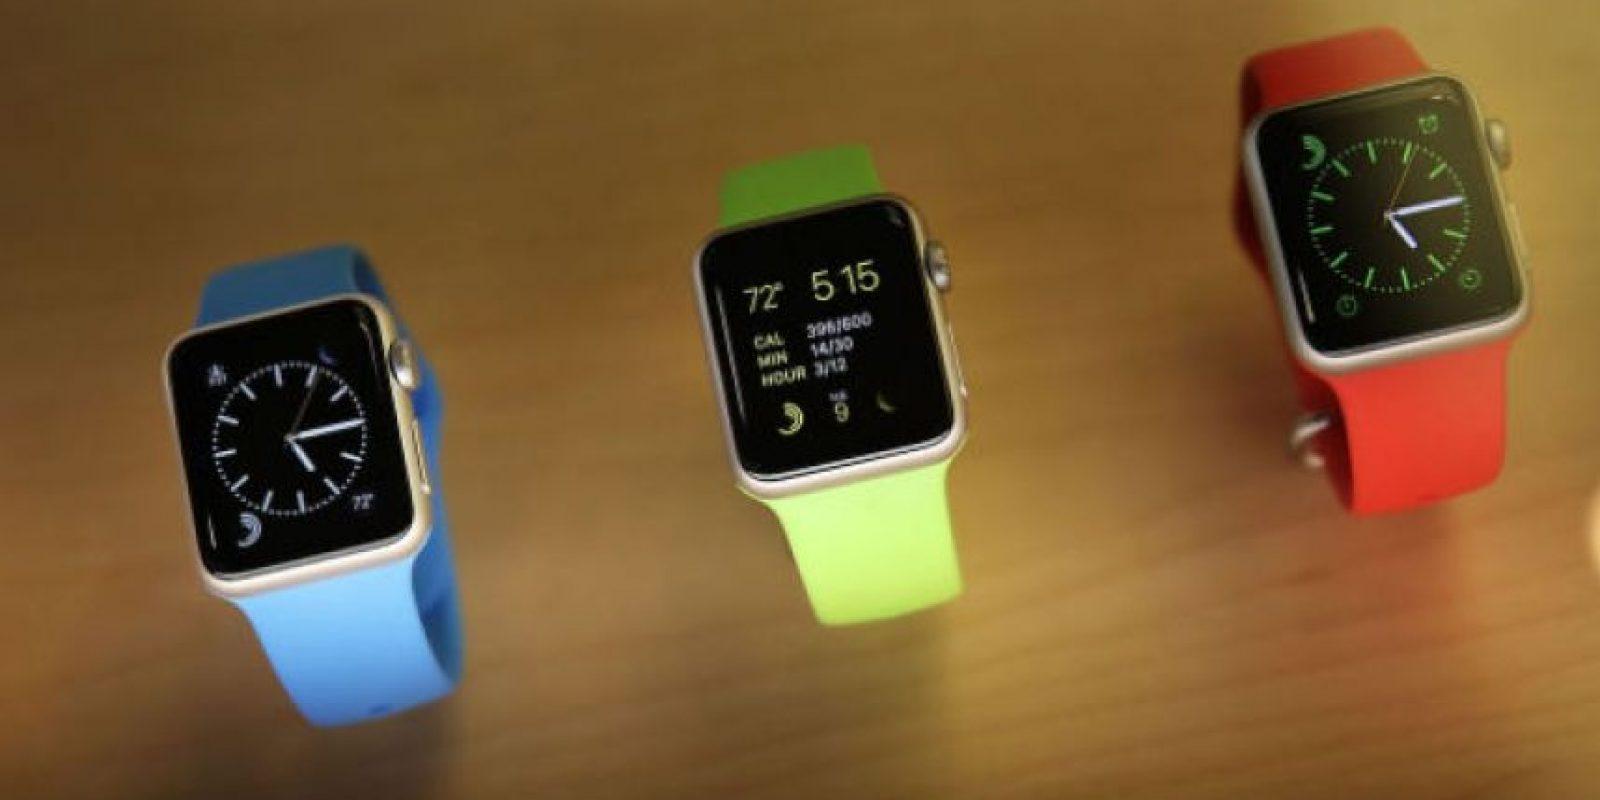 Australia, Canadá, China, Francia, Alemania, Hong Kong, Japón, Reino Unido y EE.UU. tendrán que esperar hasta junio para comprar el Apple Watch directamente en tiendas. Foto:Getty Images